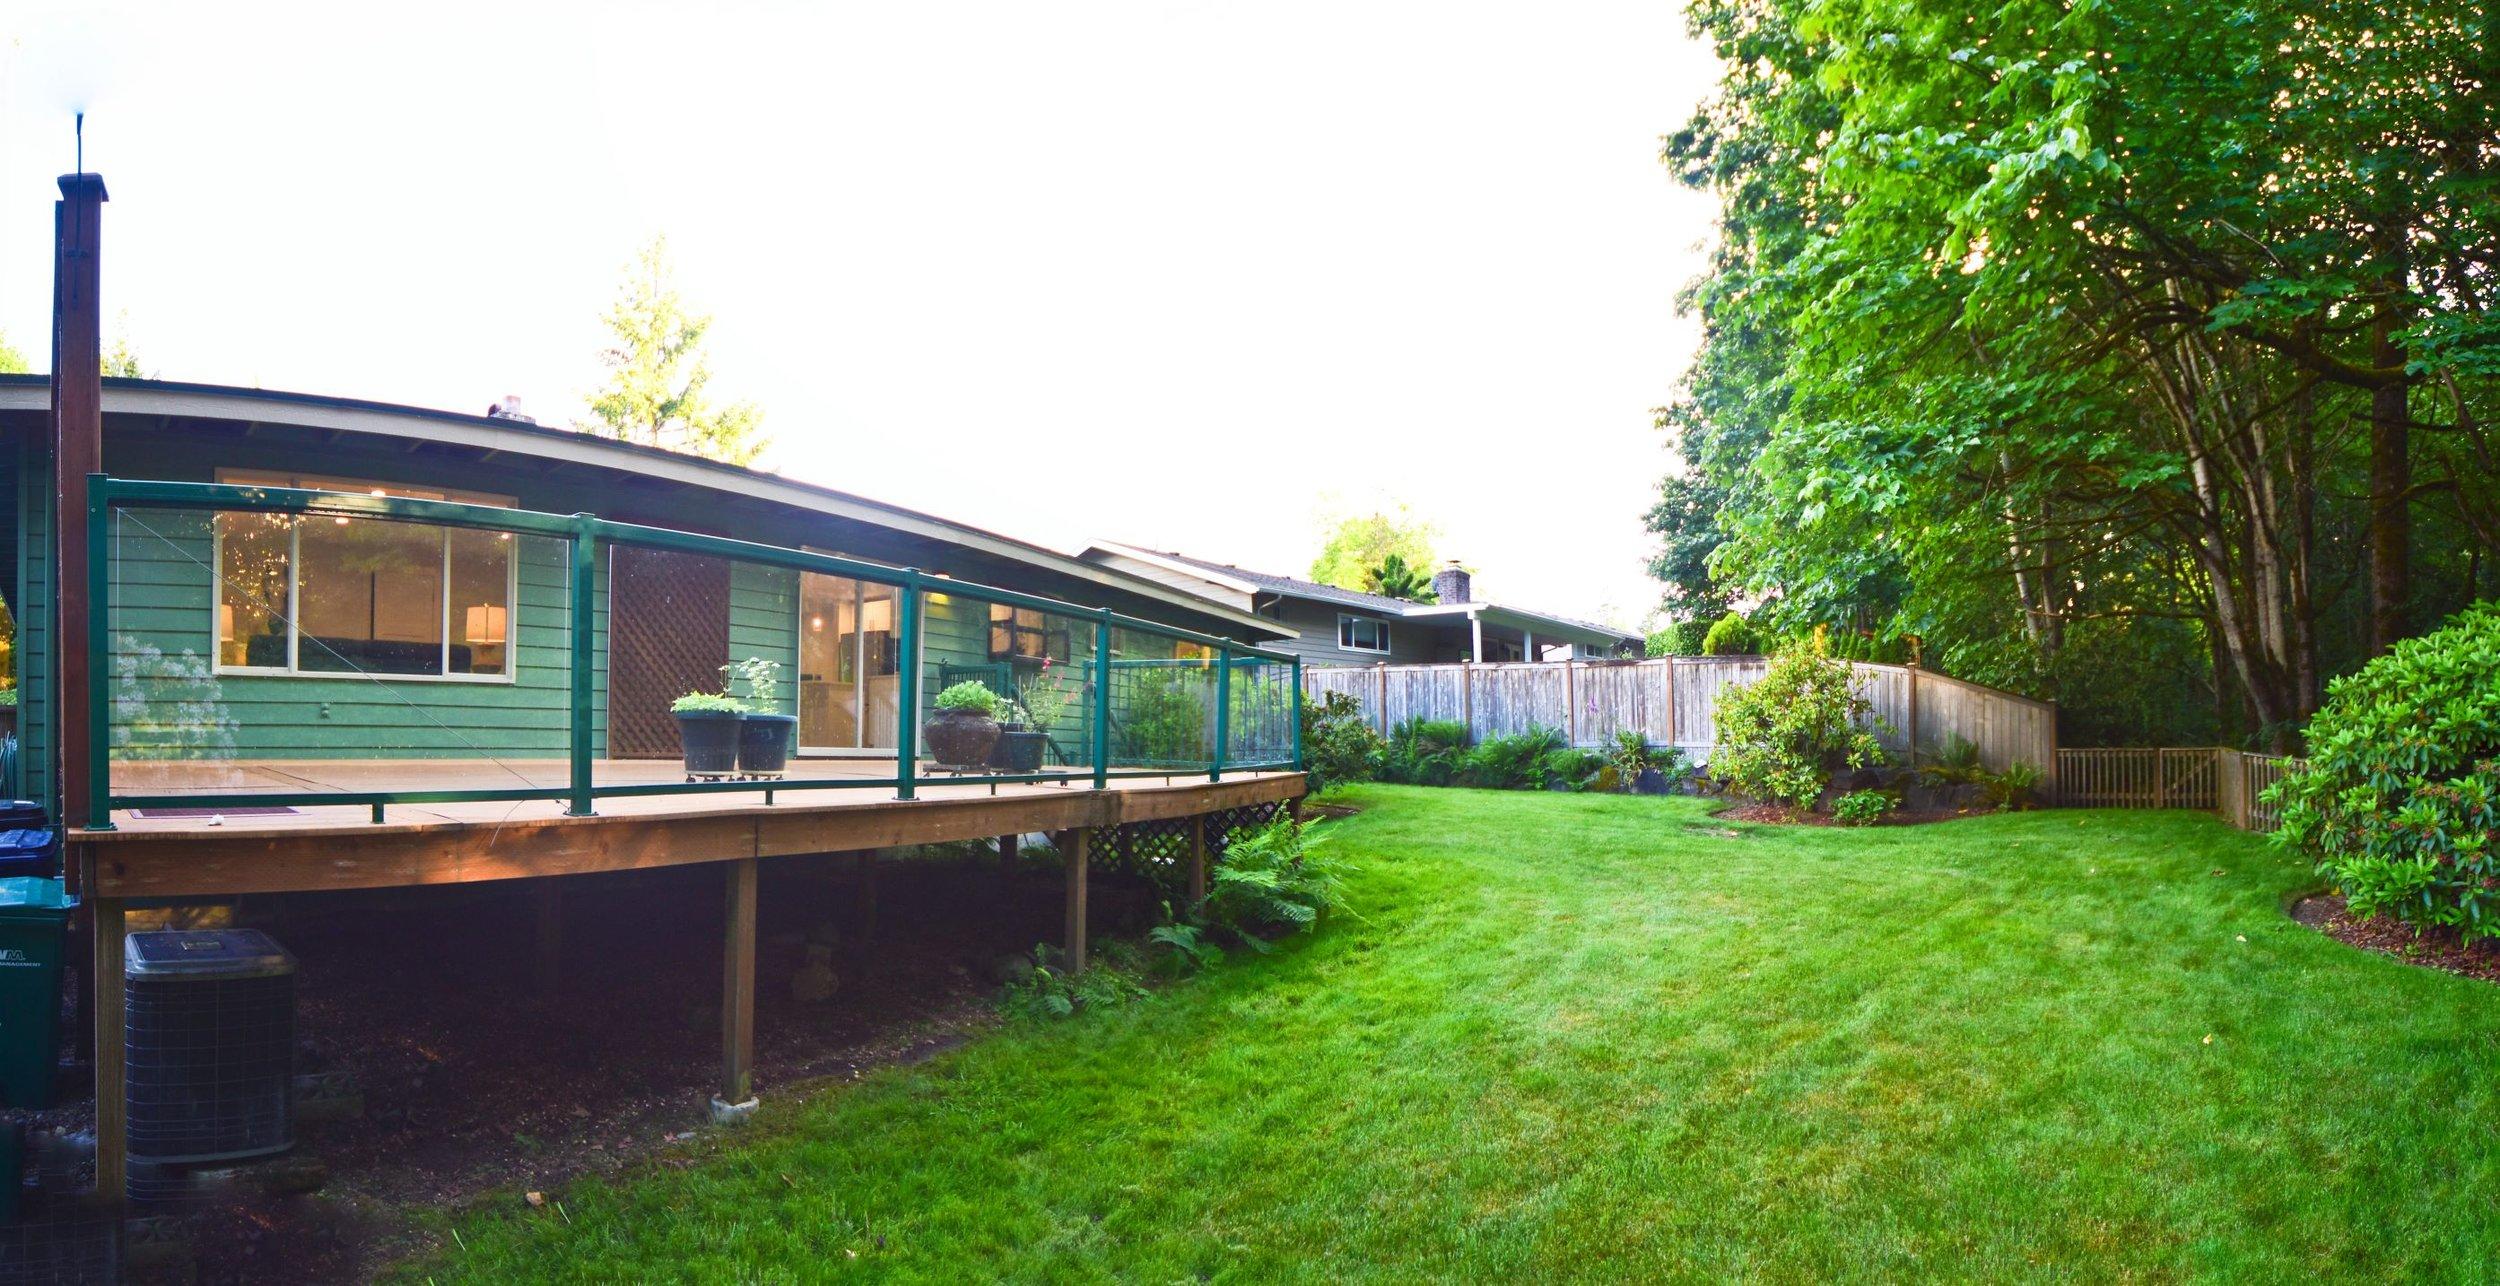 backyard-g2r.jpg